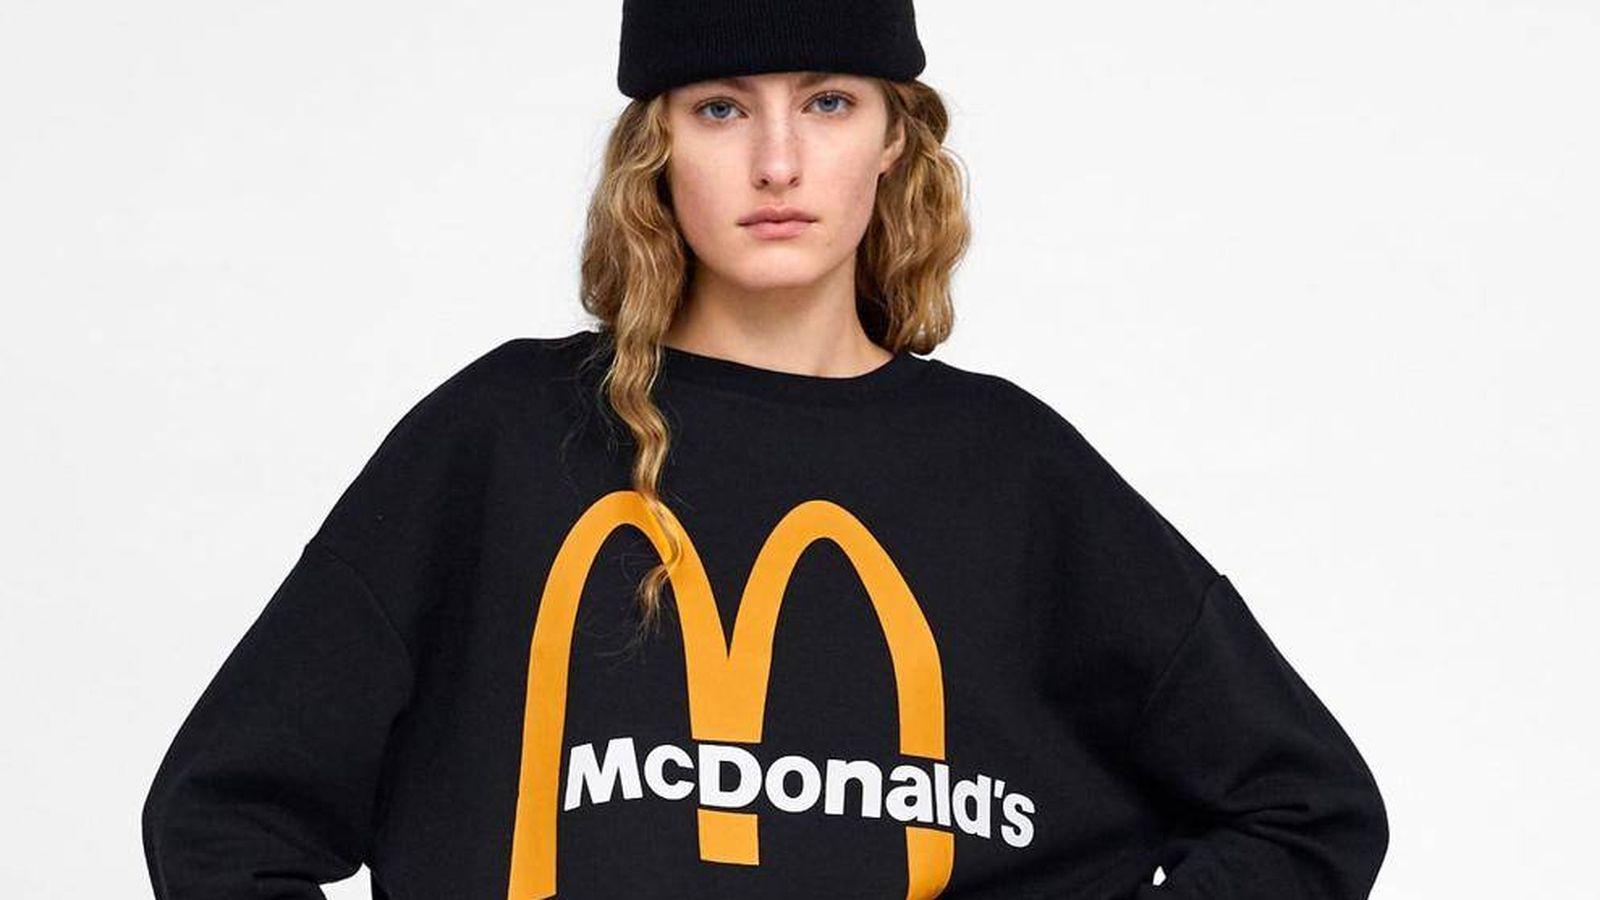 Foto: Las dos prendas que Zara ha lanzado como oda a la comida rápida. (Cortesía)